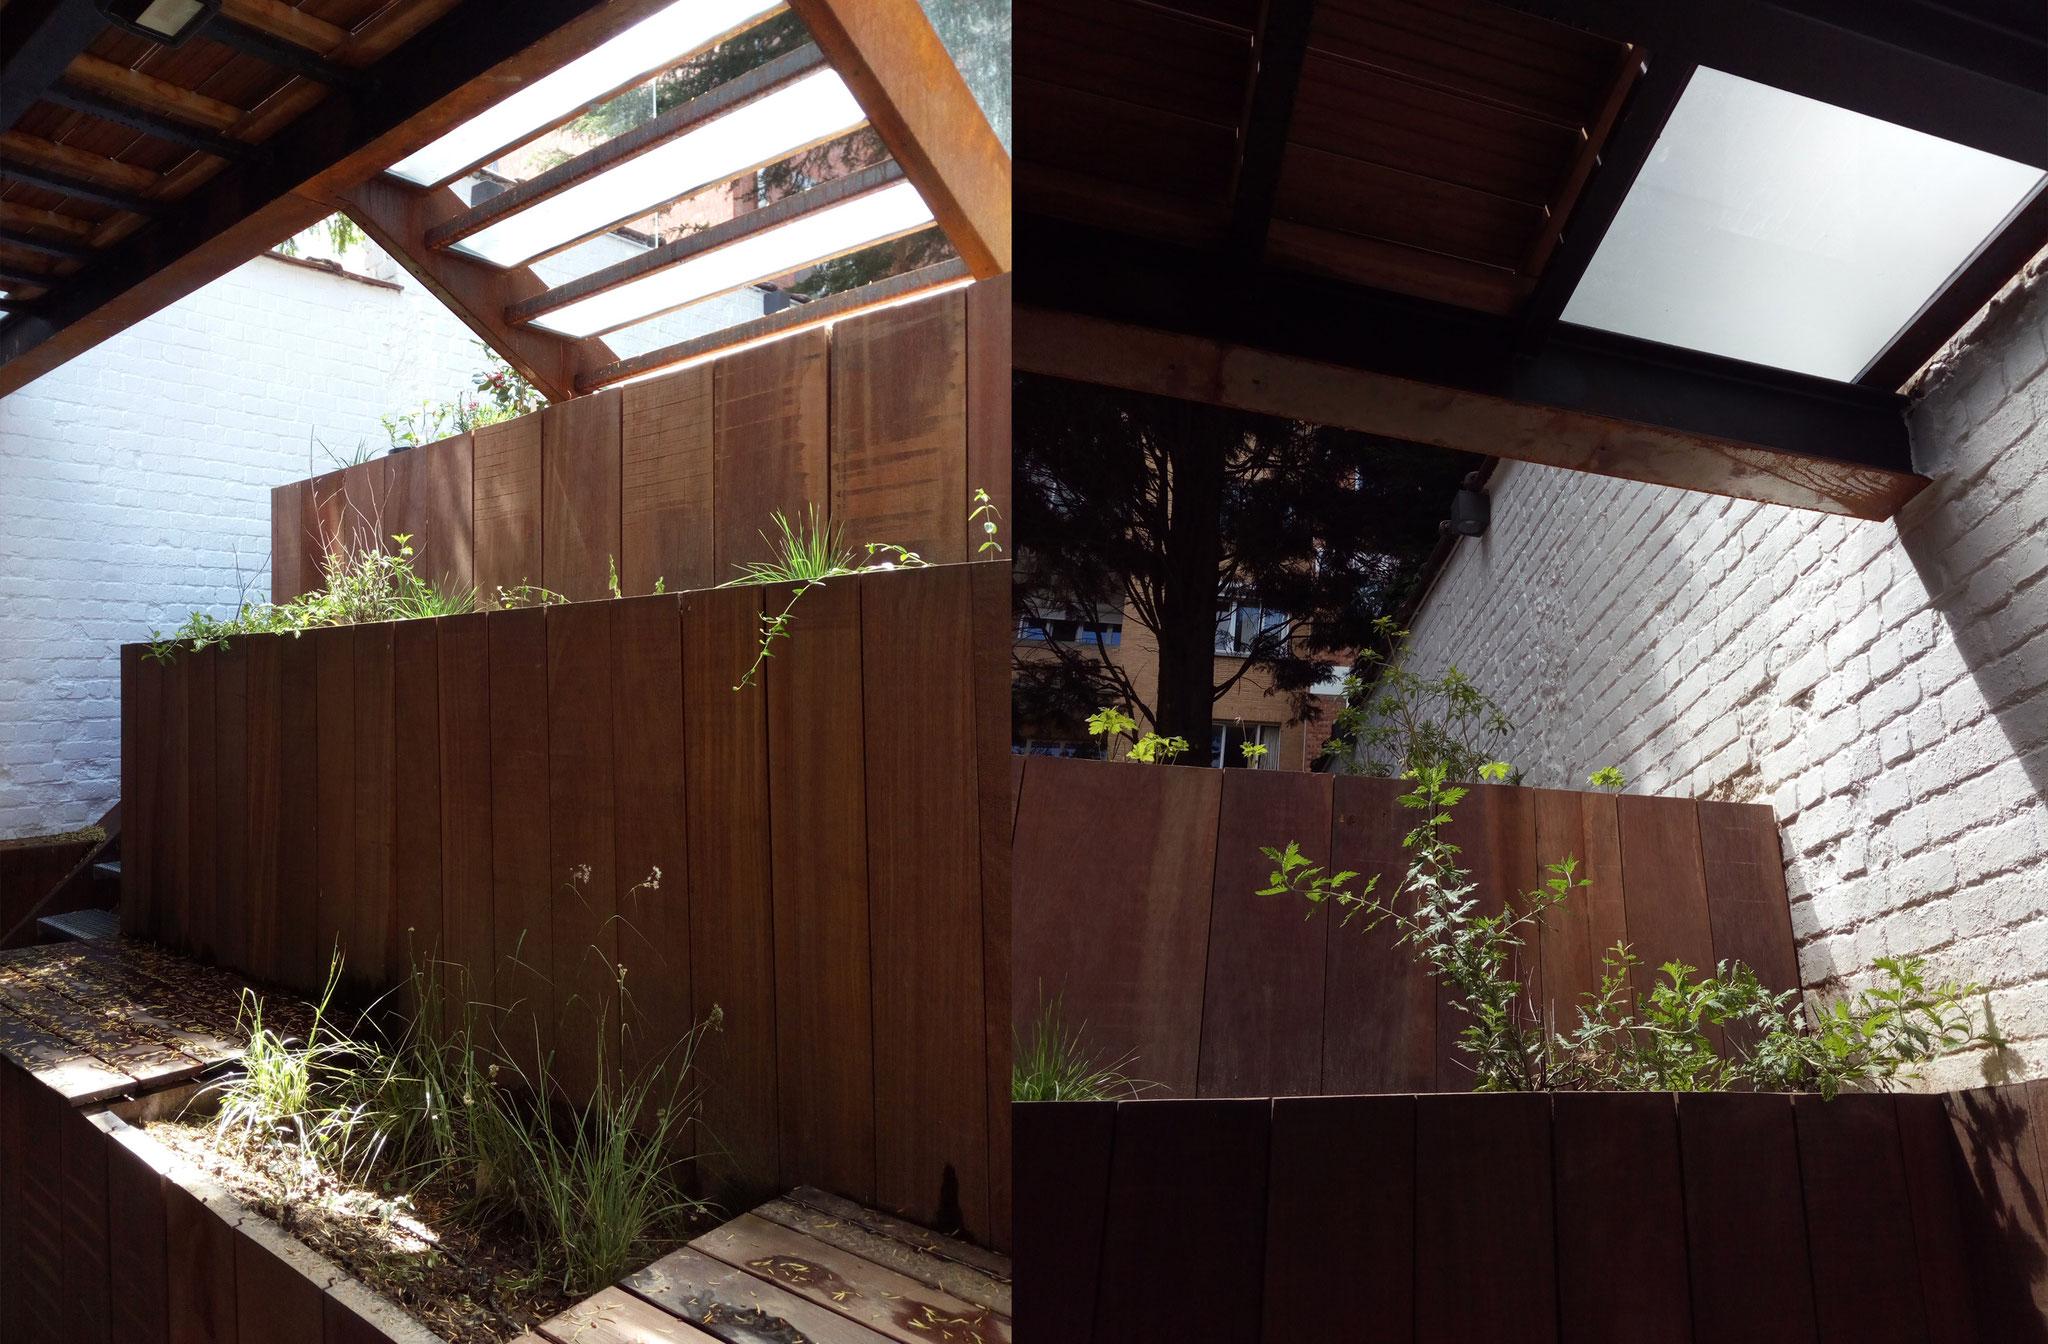 Cour sur 4 niveaux - Sous-sol / +1an  - Bois, Corten & verre - Amenagement jardin Bruxelles